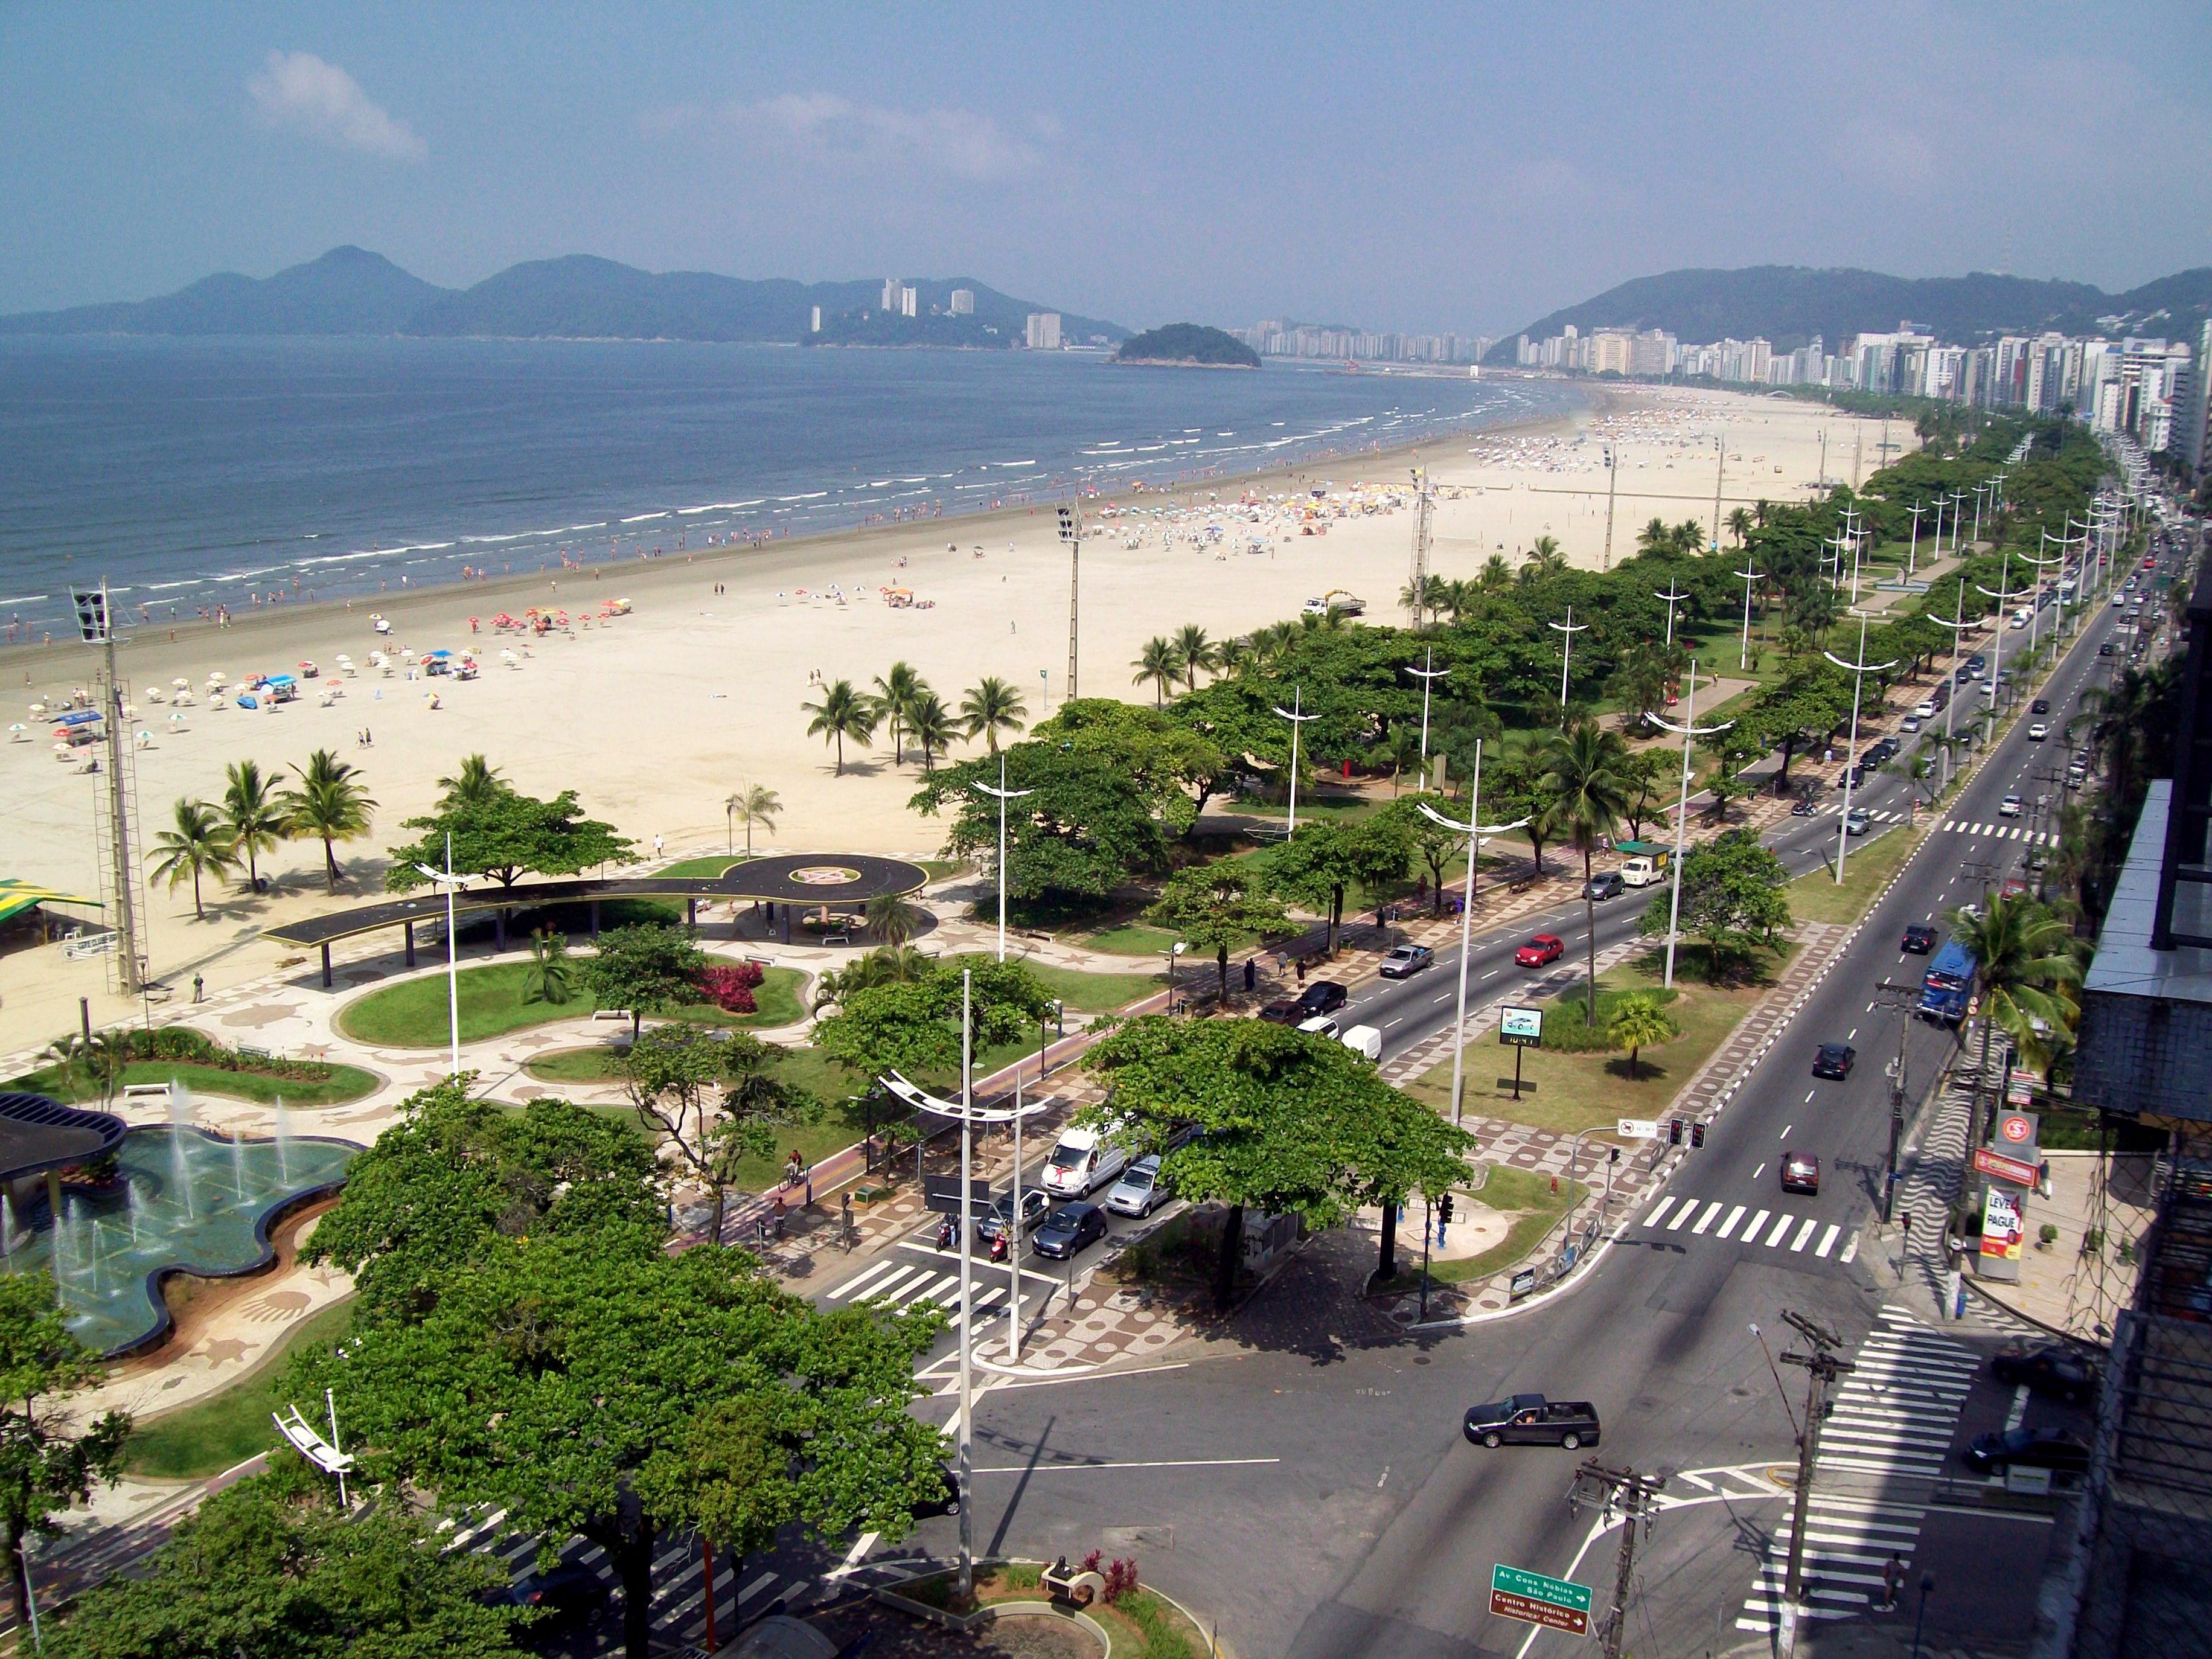 santos_sp_brasil_30484